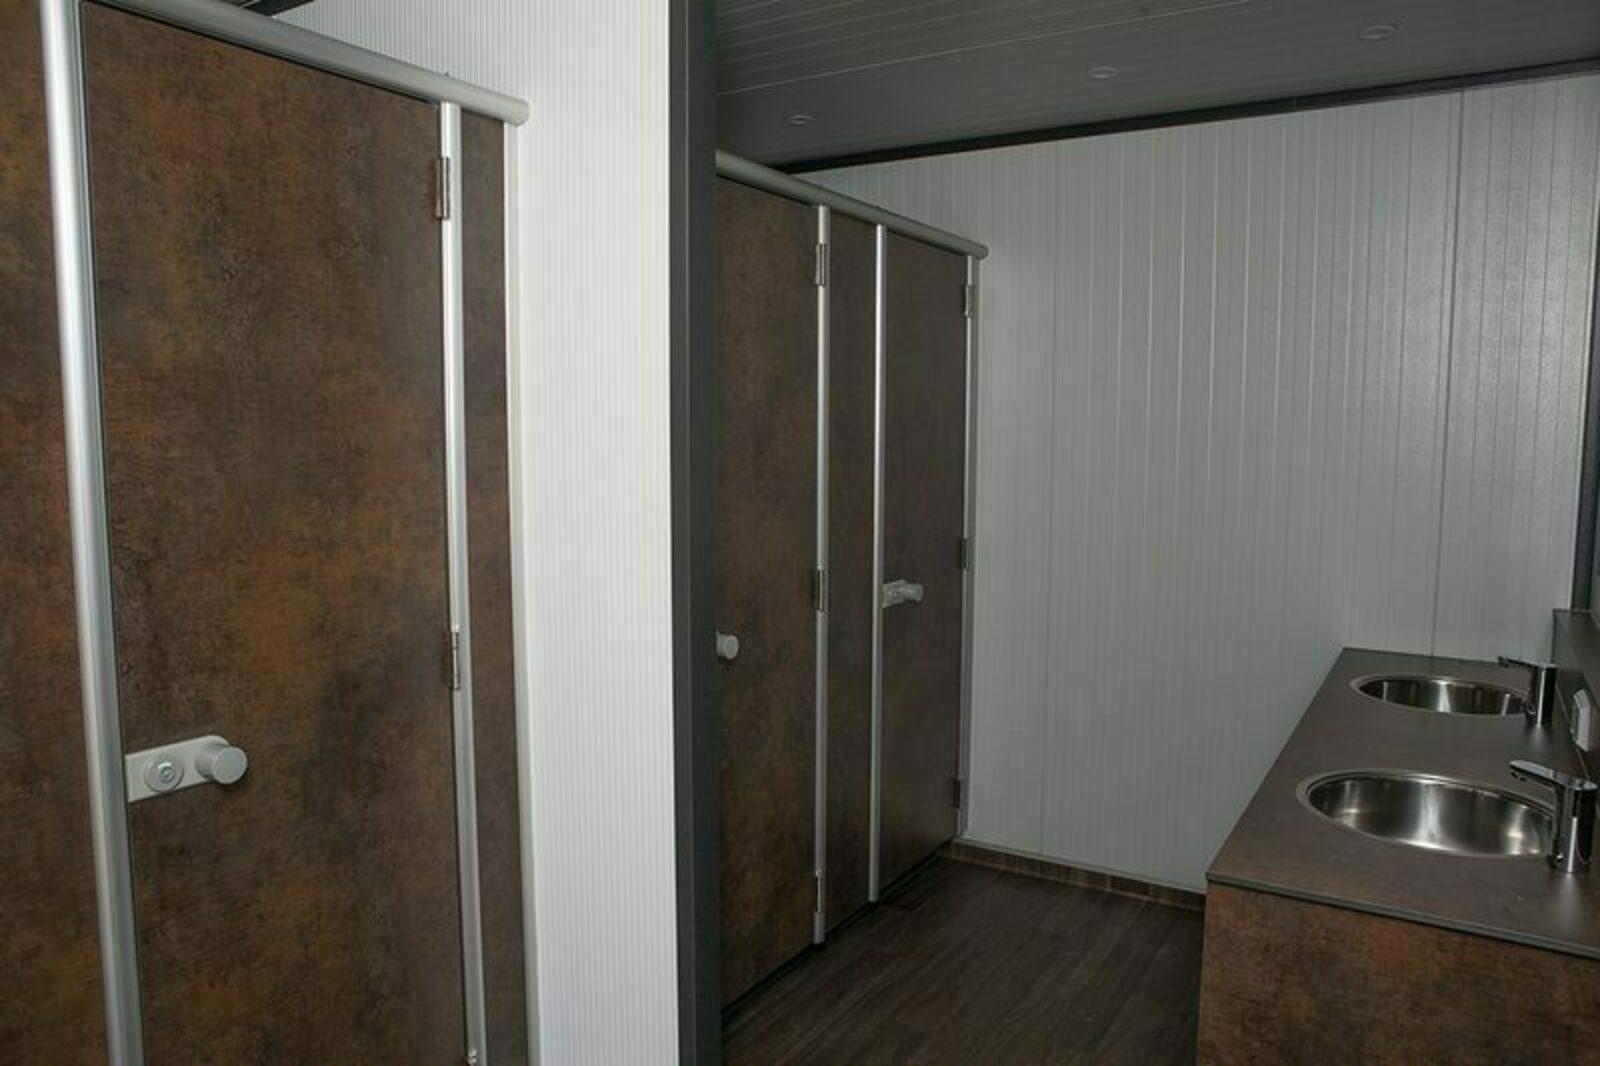 Kampeerplaats met privé sanitair in toiletgebouw